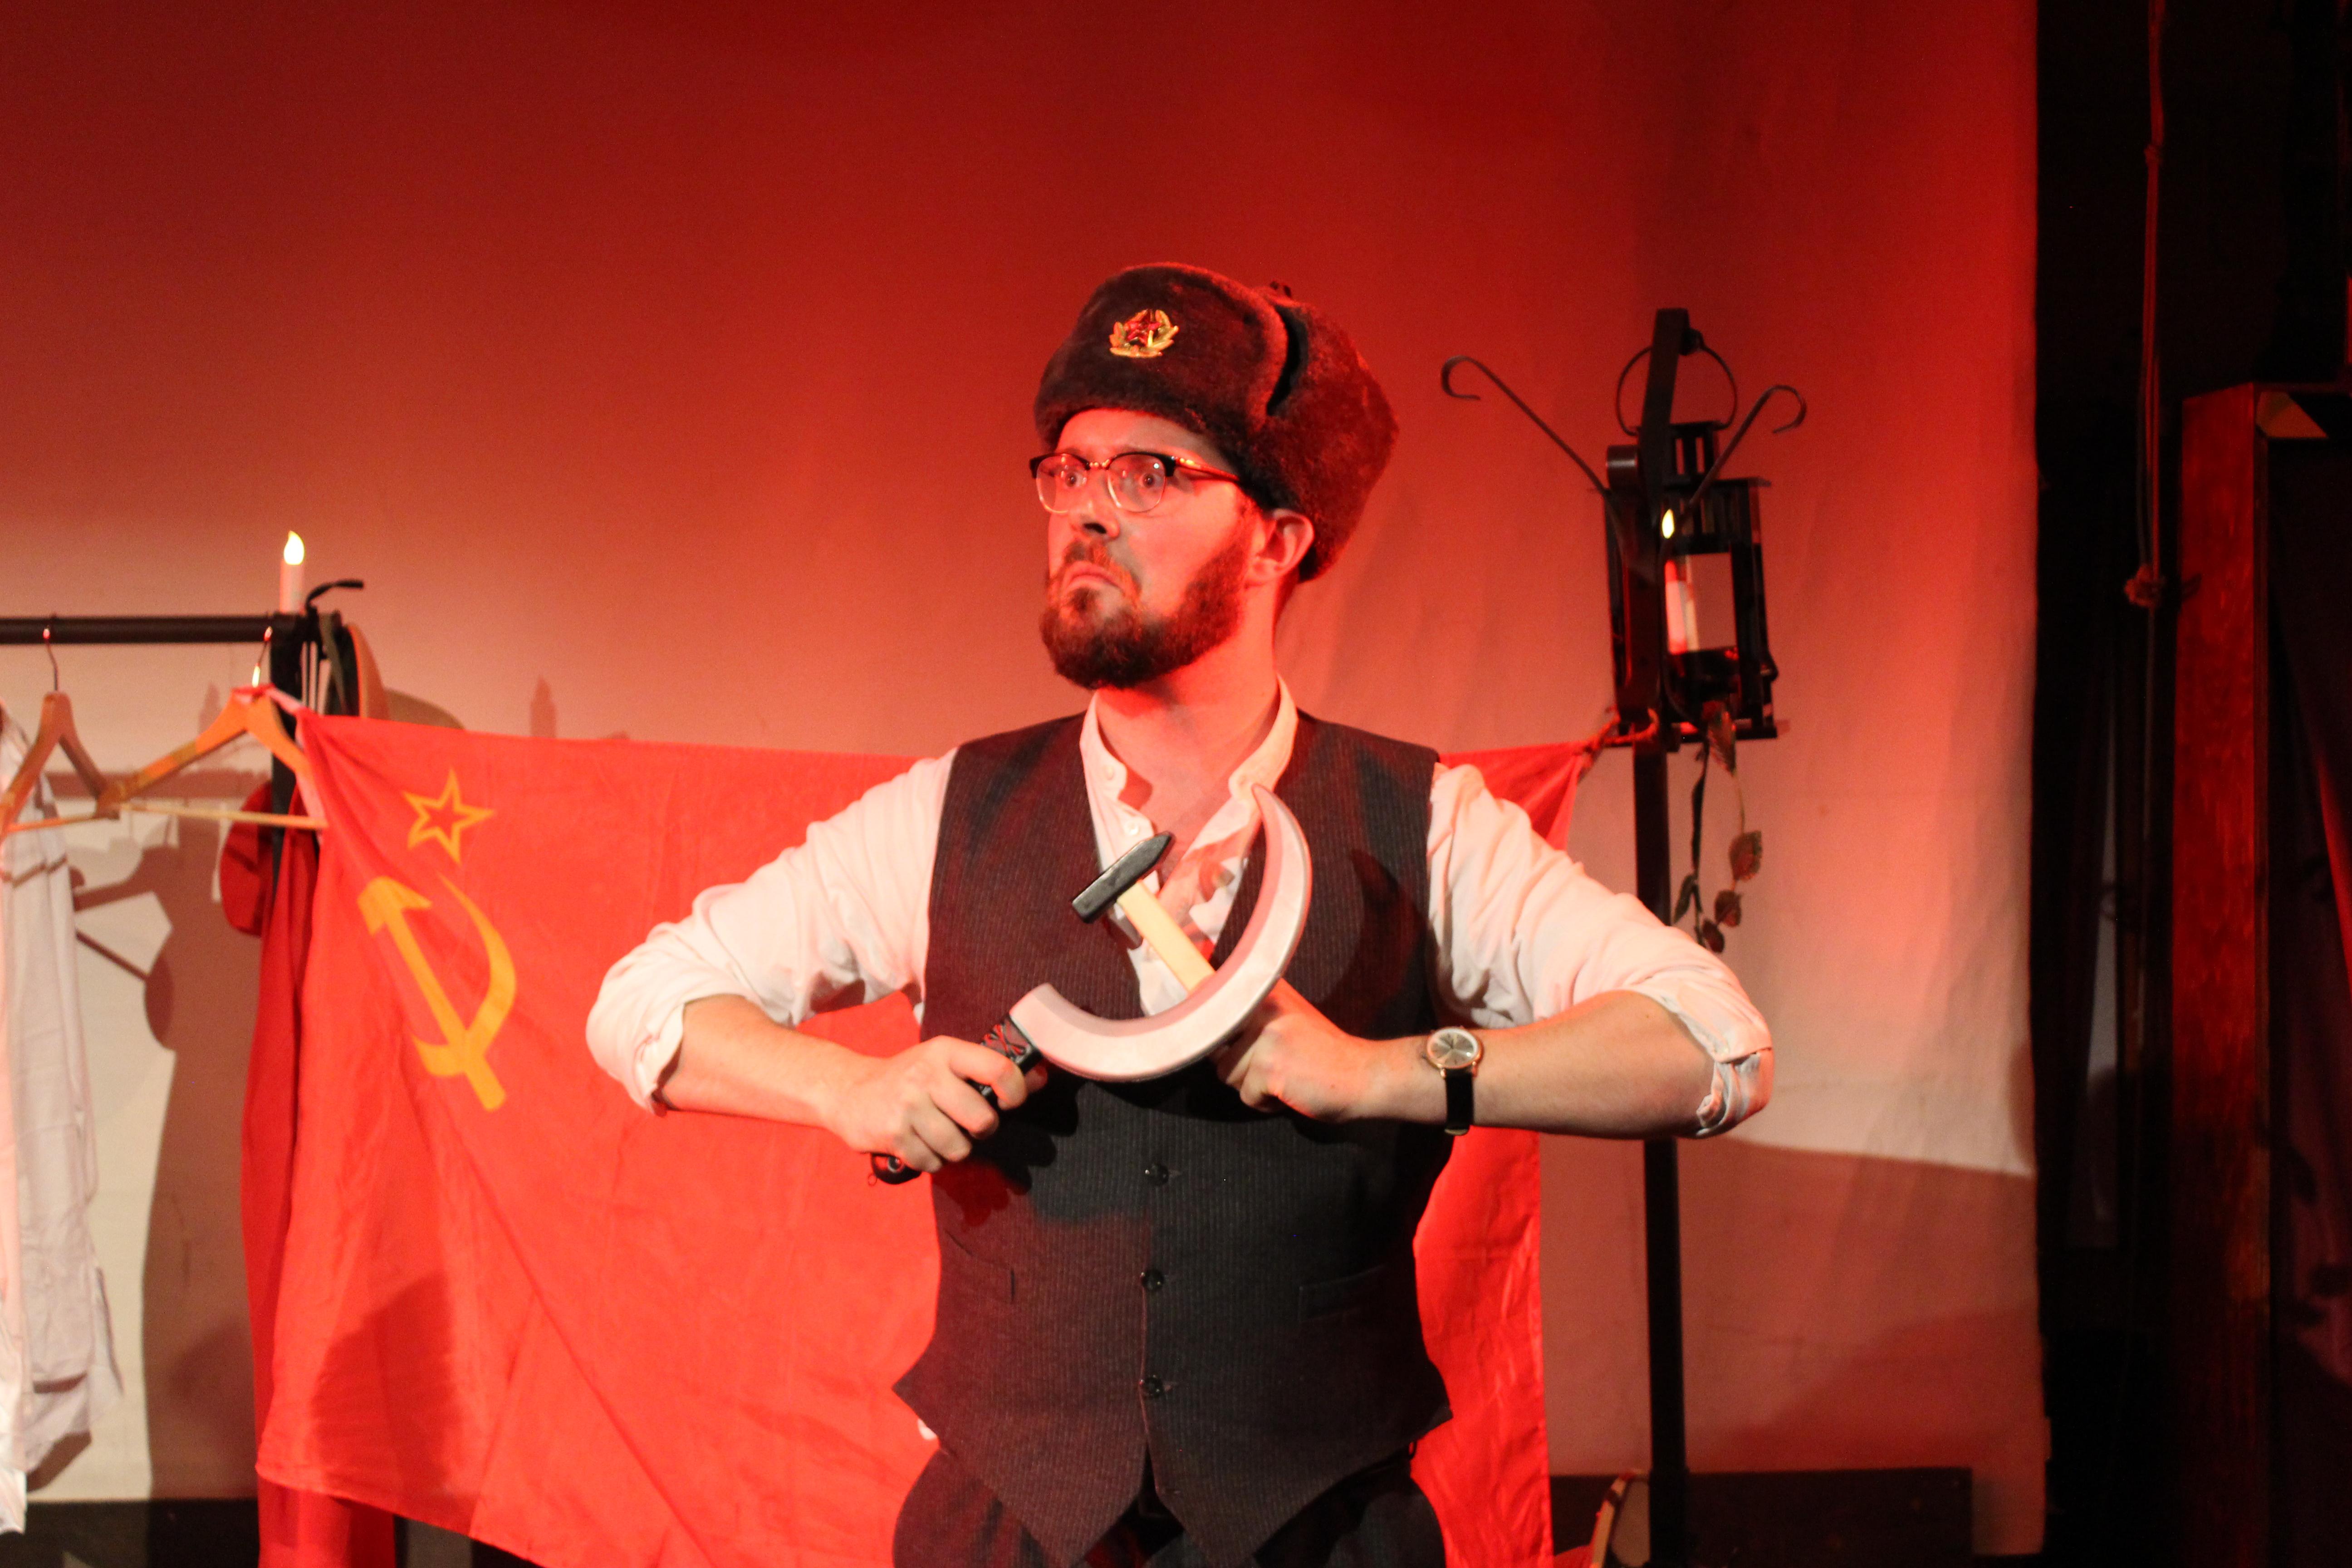 Stunned Bolshevik